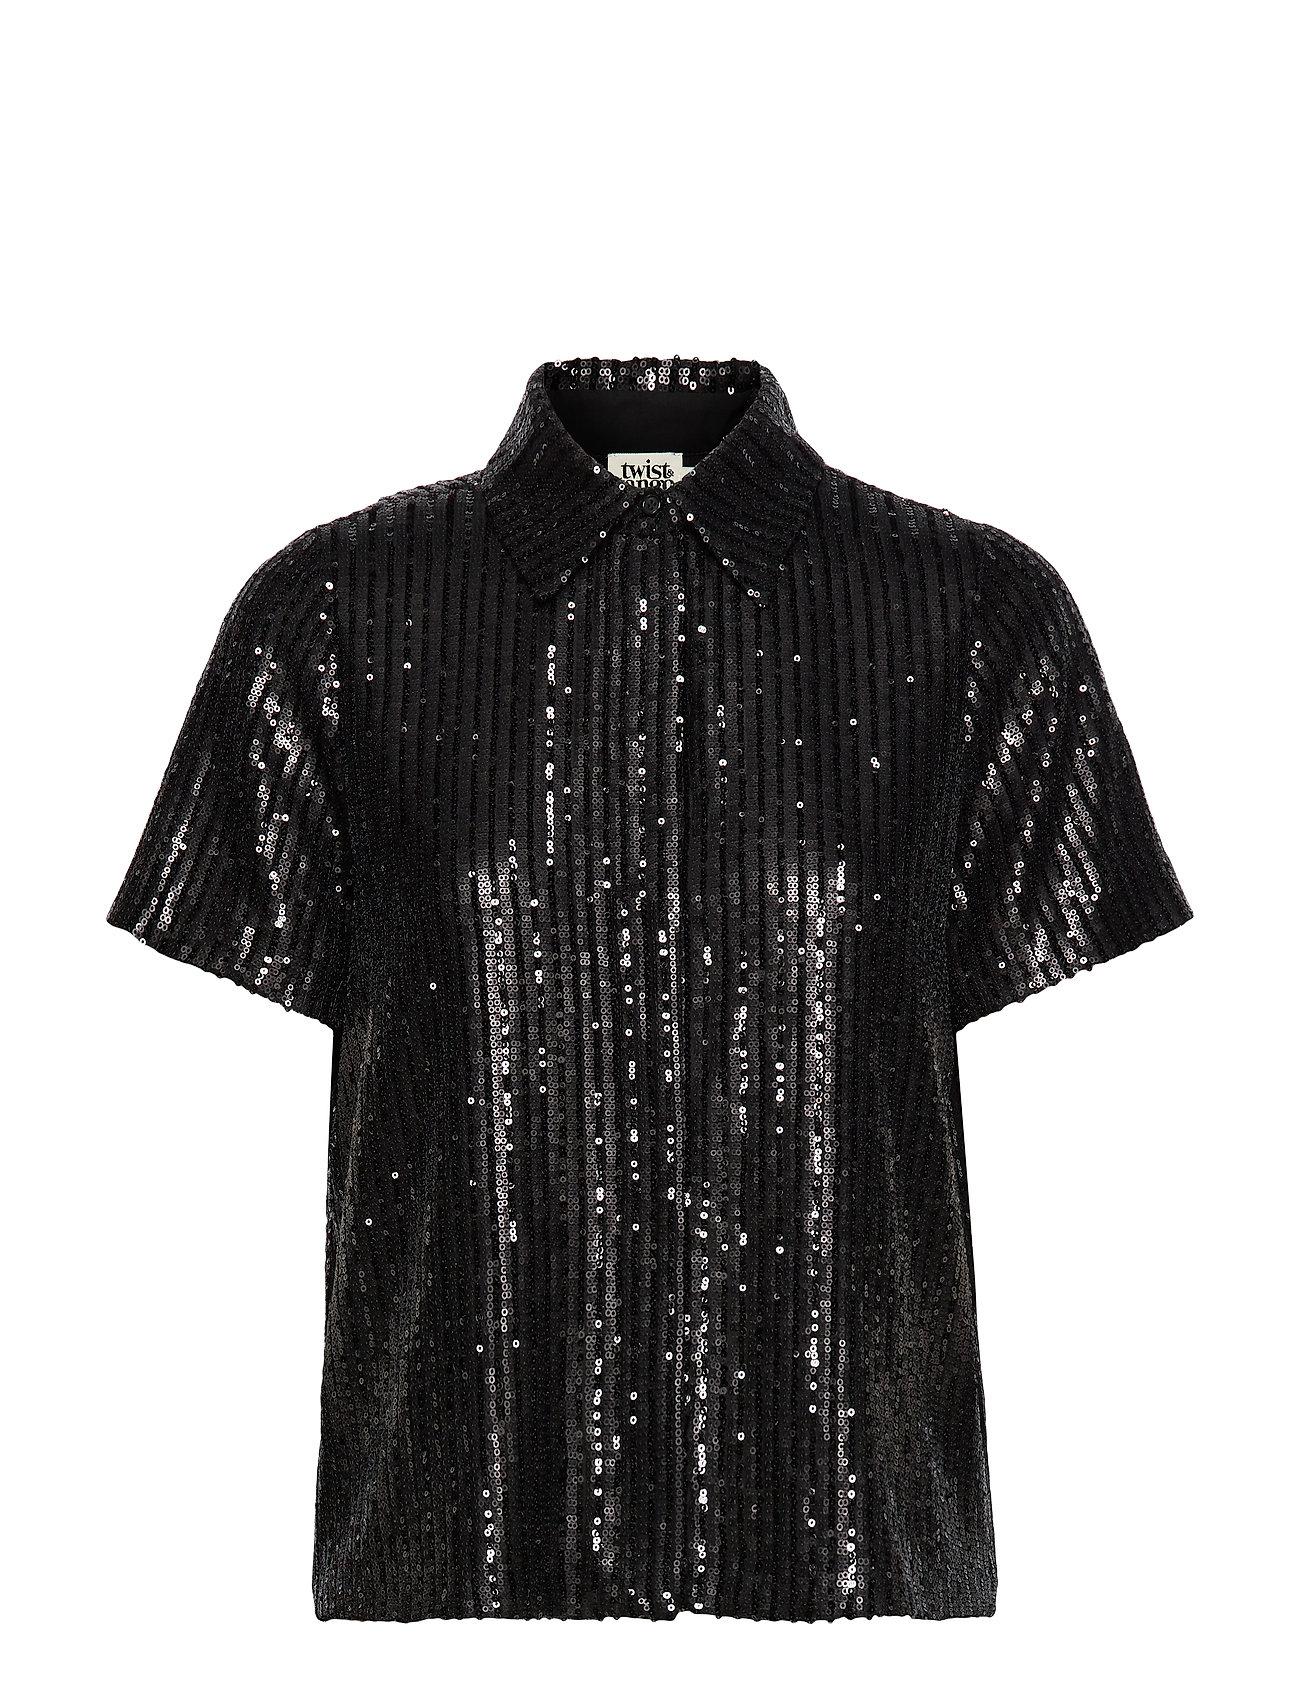 Twist & Tango Britta Sequin Dress - BLACK